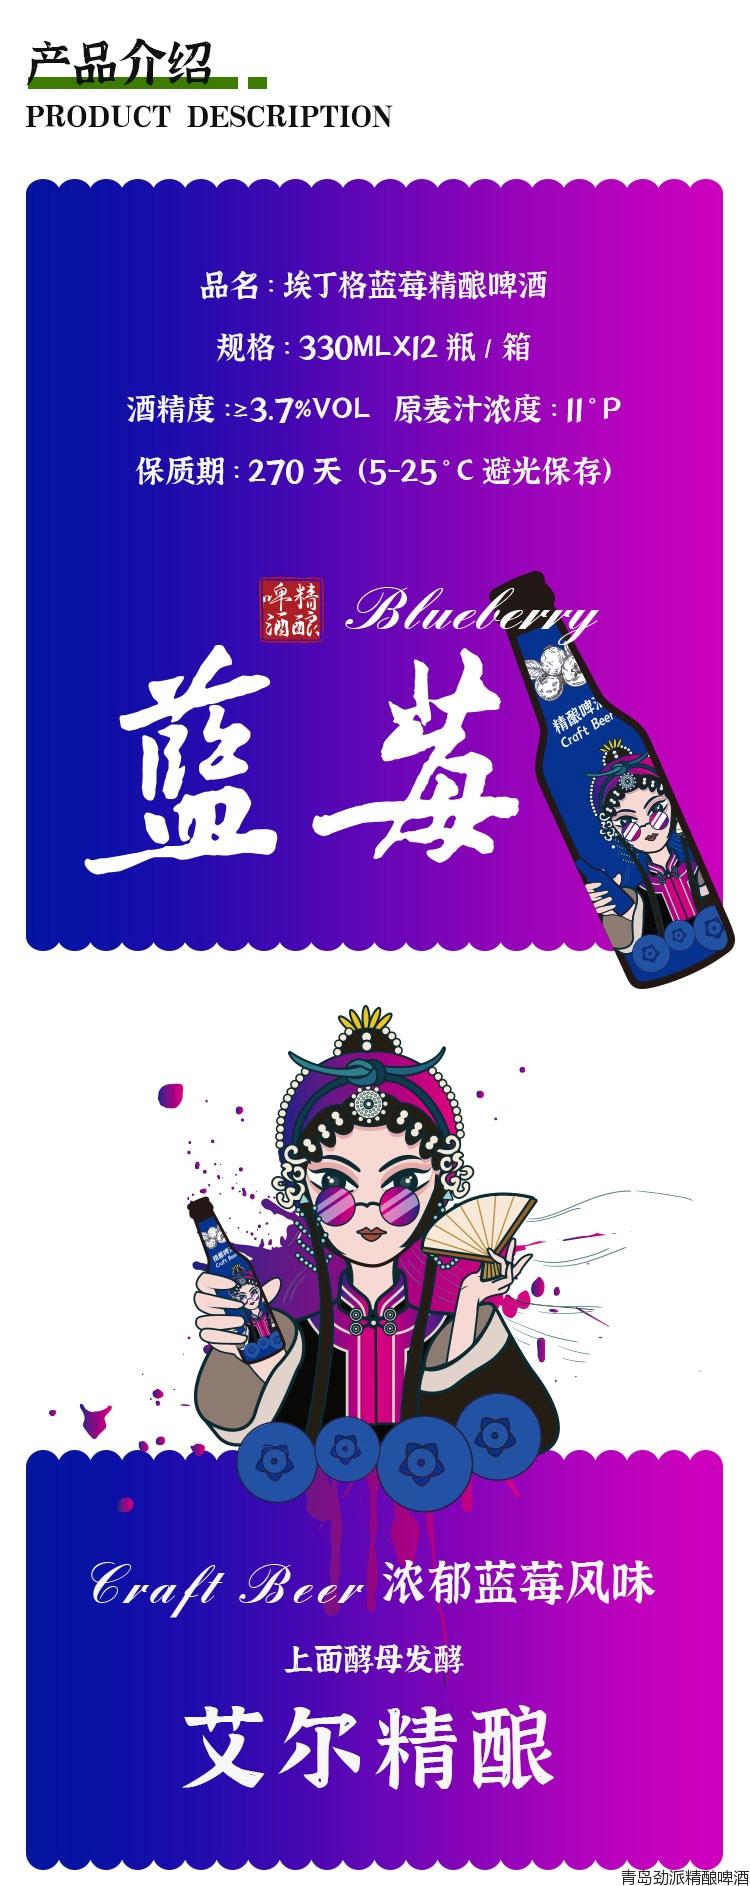 埃丁格啤酒,蓝莓精酿啤酒,慕尼黑啤酒,精酿啤酒代工,精酿啤酒工厂,蓝莓精酿代工,蓝莓精酿价格,蓝莓精酿啤酒批发